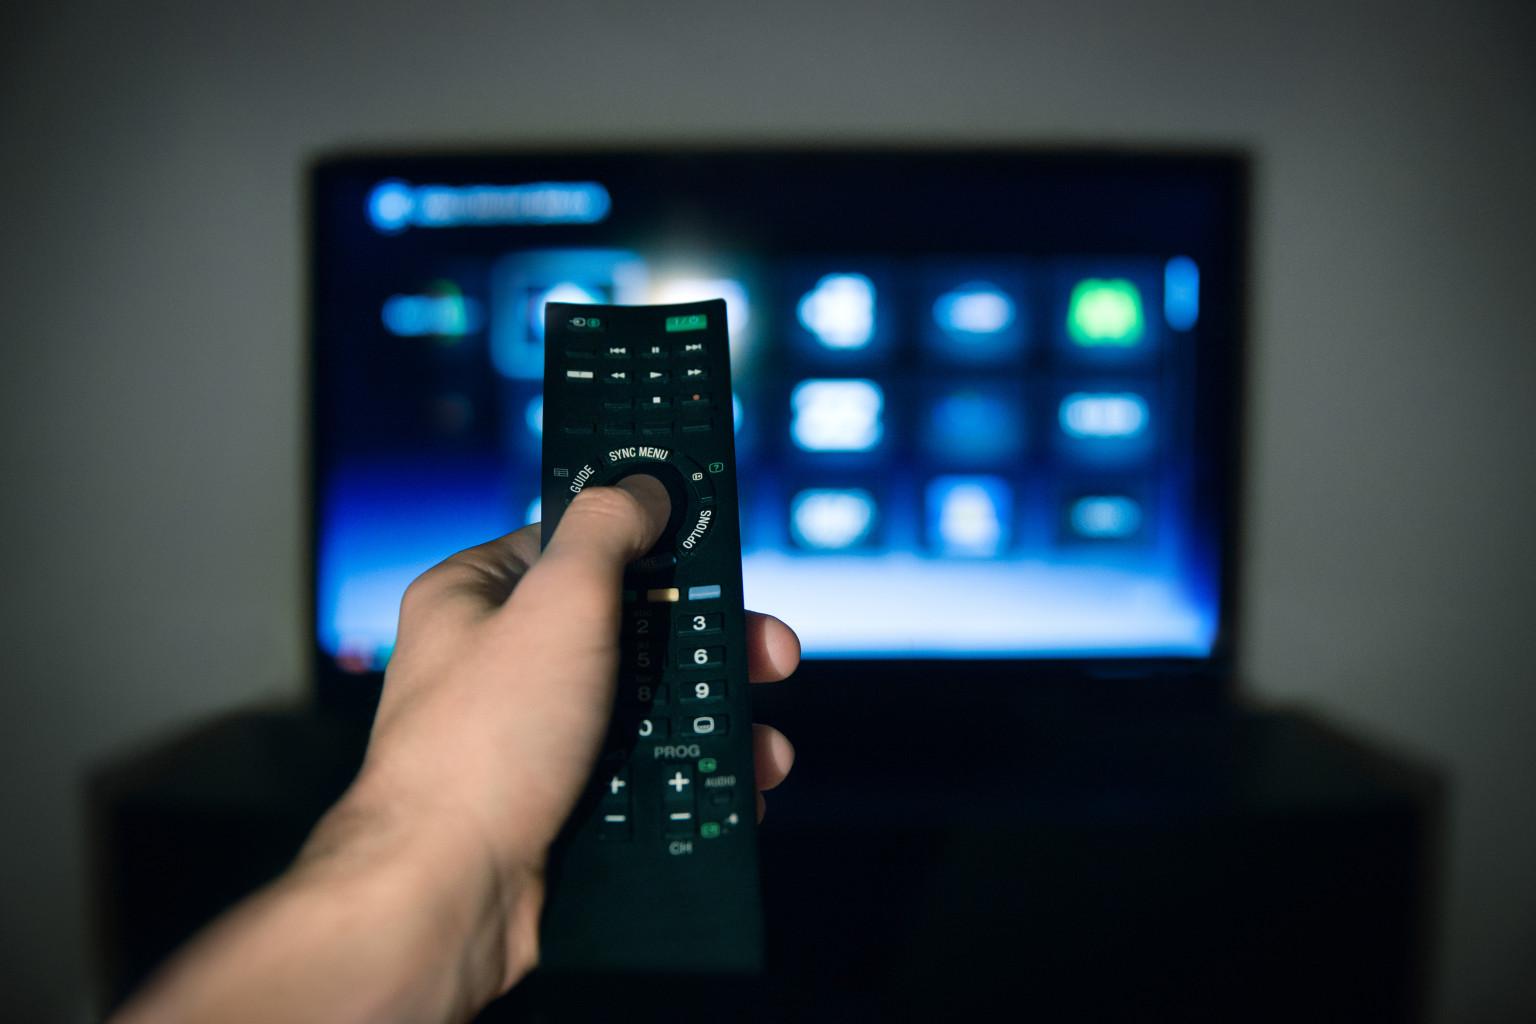 Спутники тв в разблокировать порно каналы фото 509-875